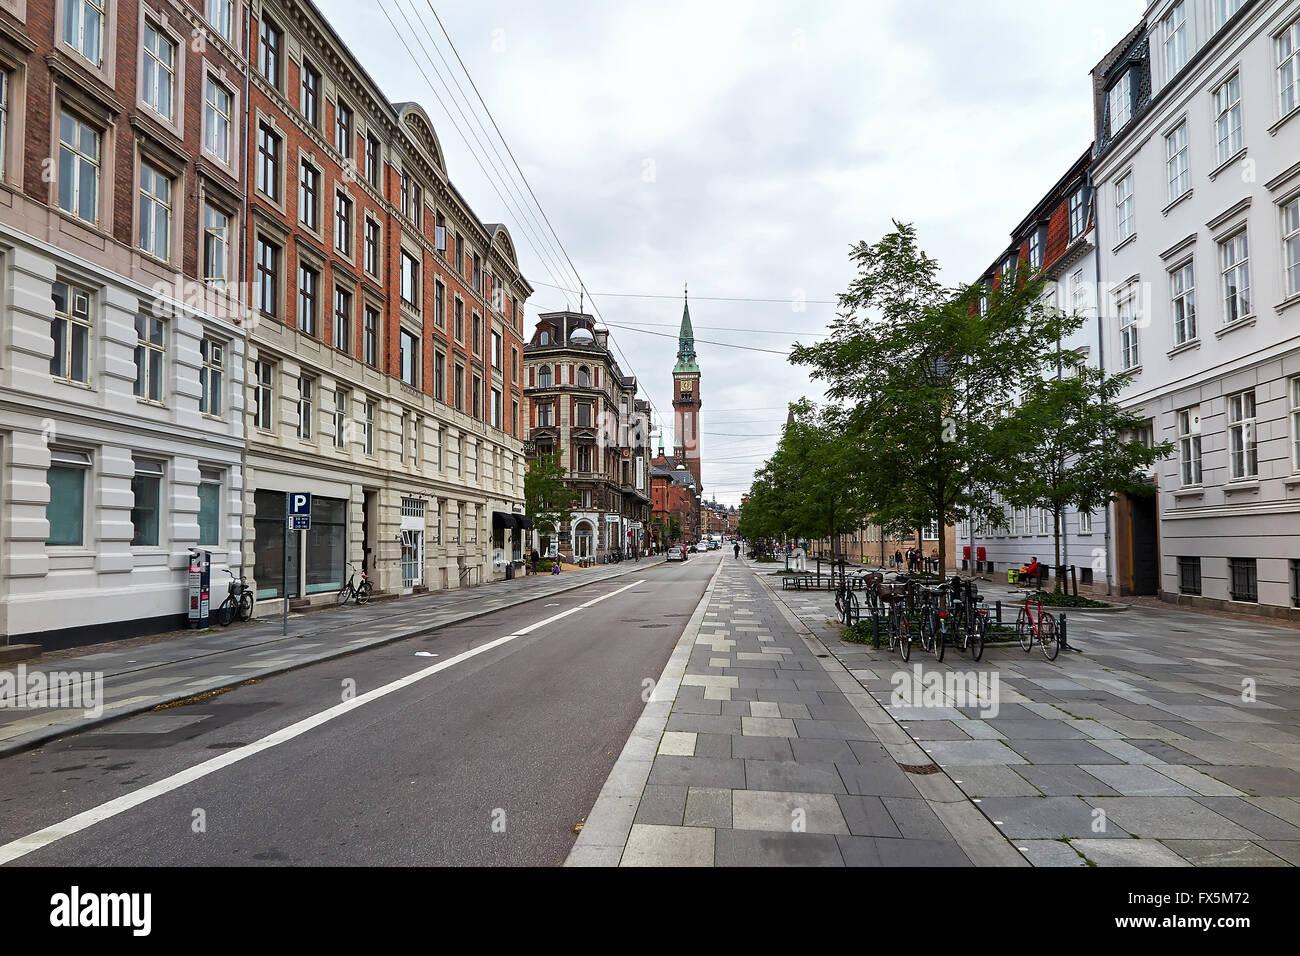 Street view of Vester Voldgade in copenhagen, Denmark - Stock Image